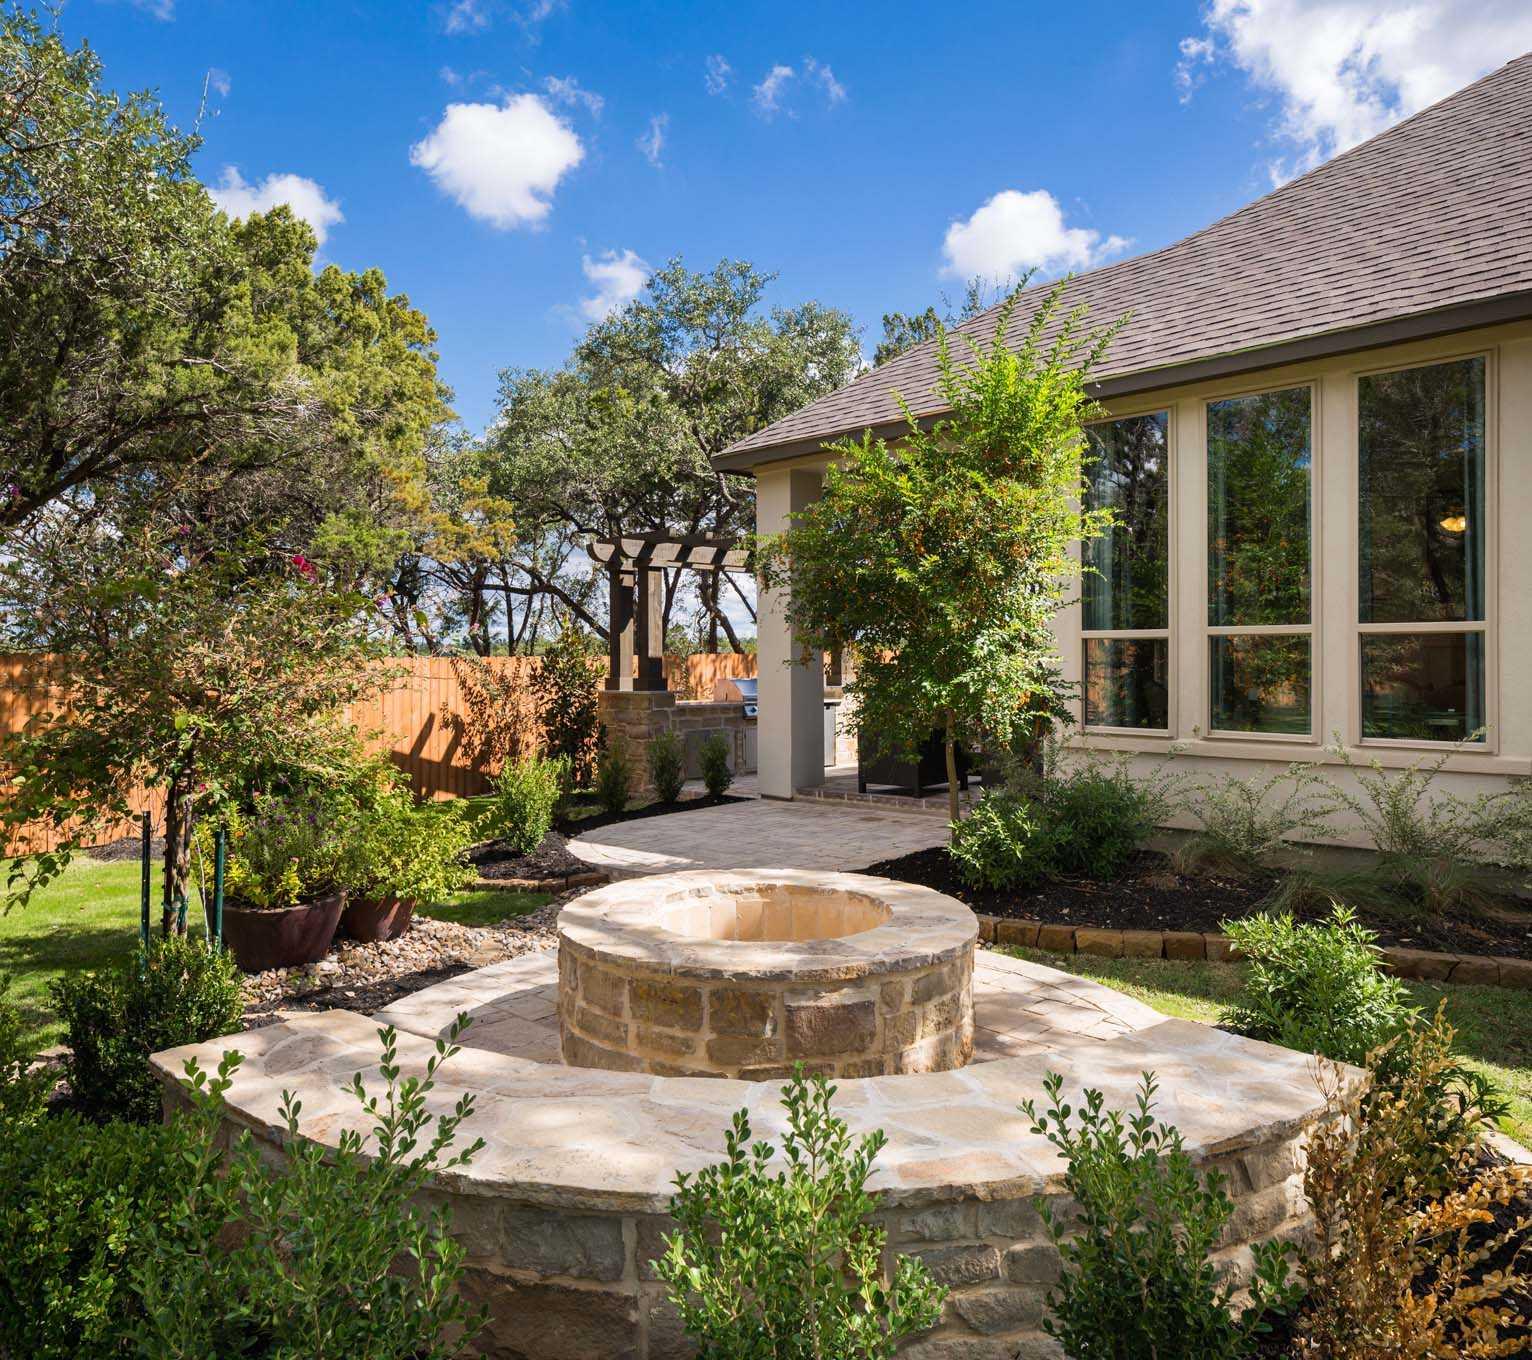 Patio Builders San Antonio Tx: Model Home In San Antonio Texas, Cibolo Canyons